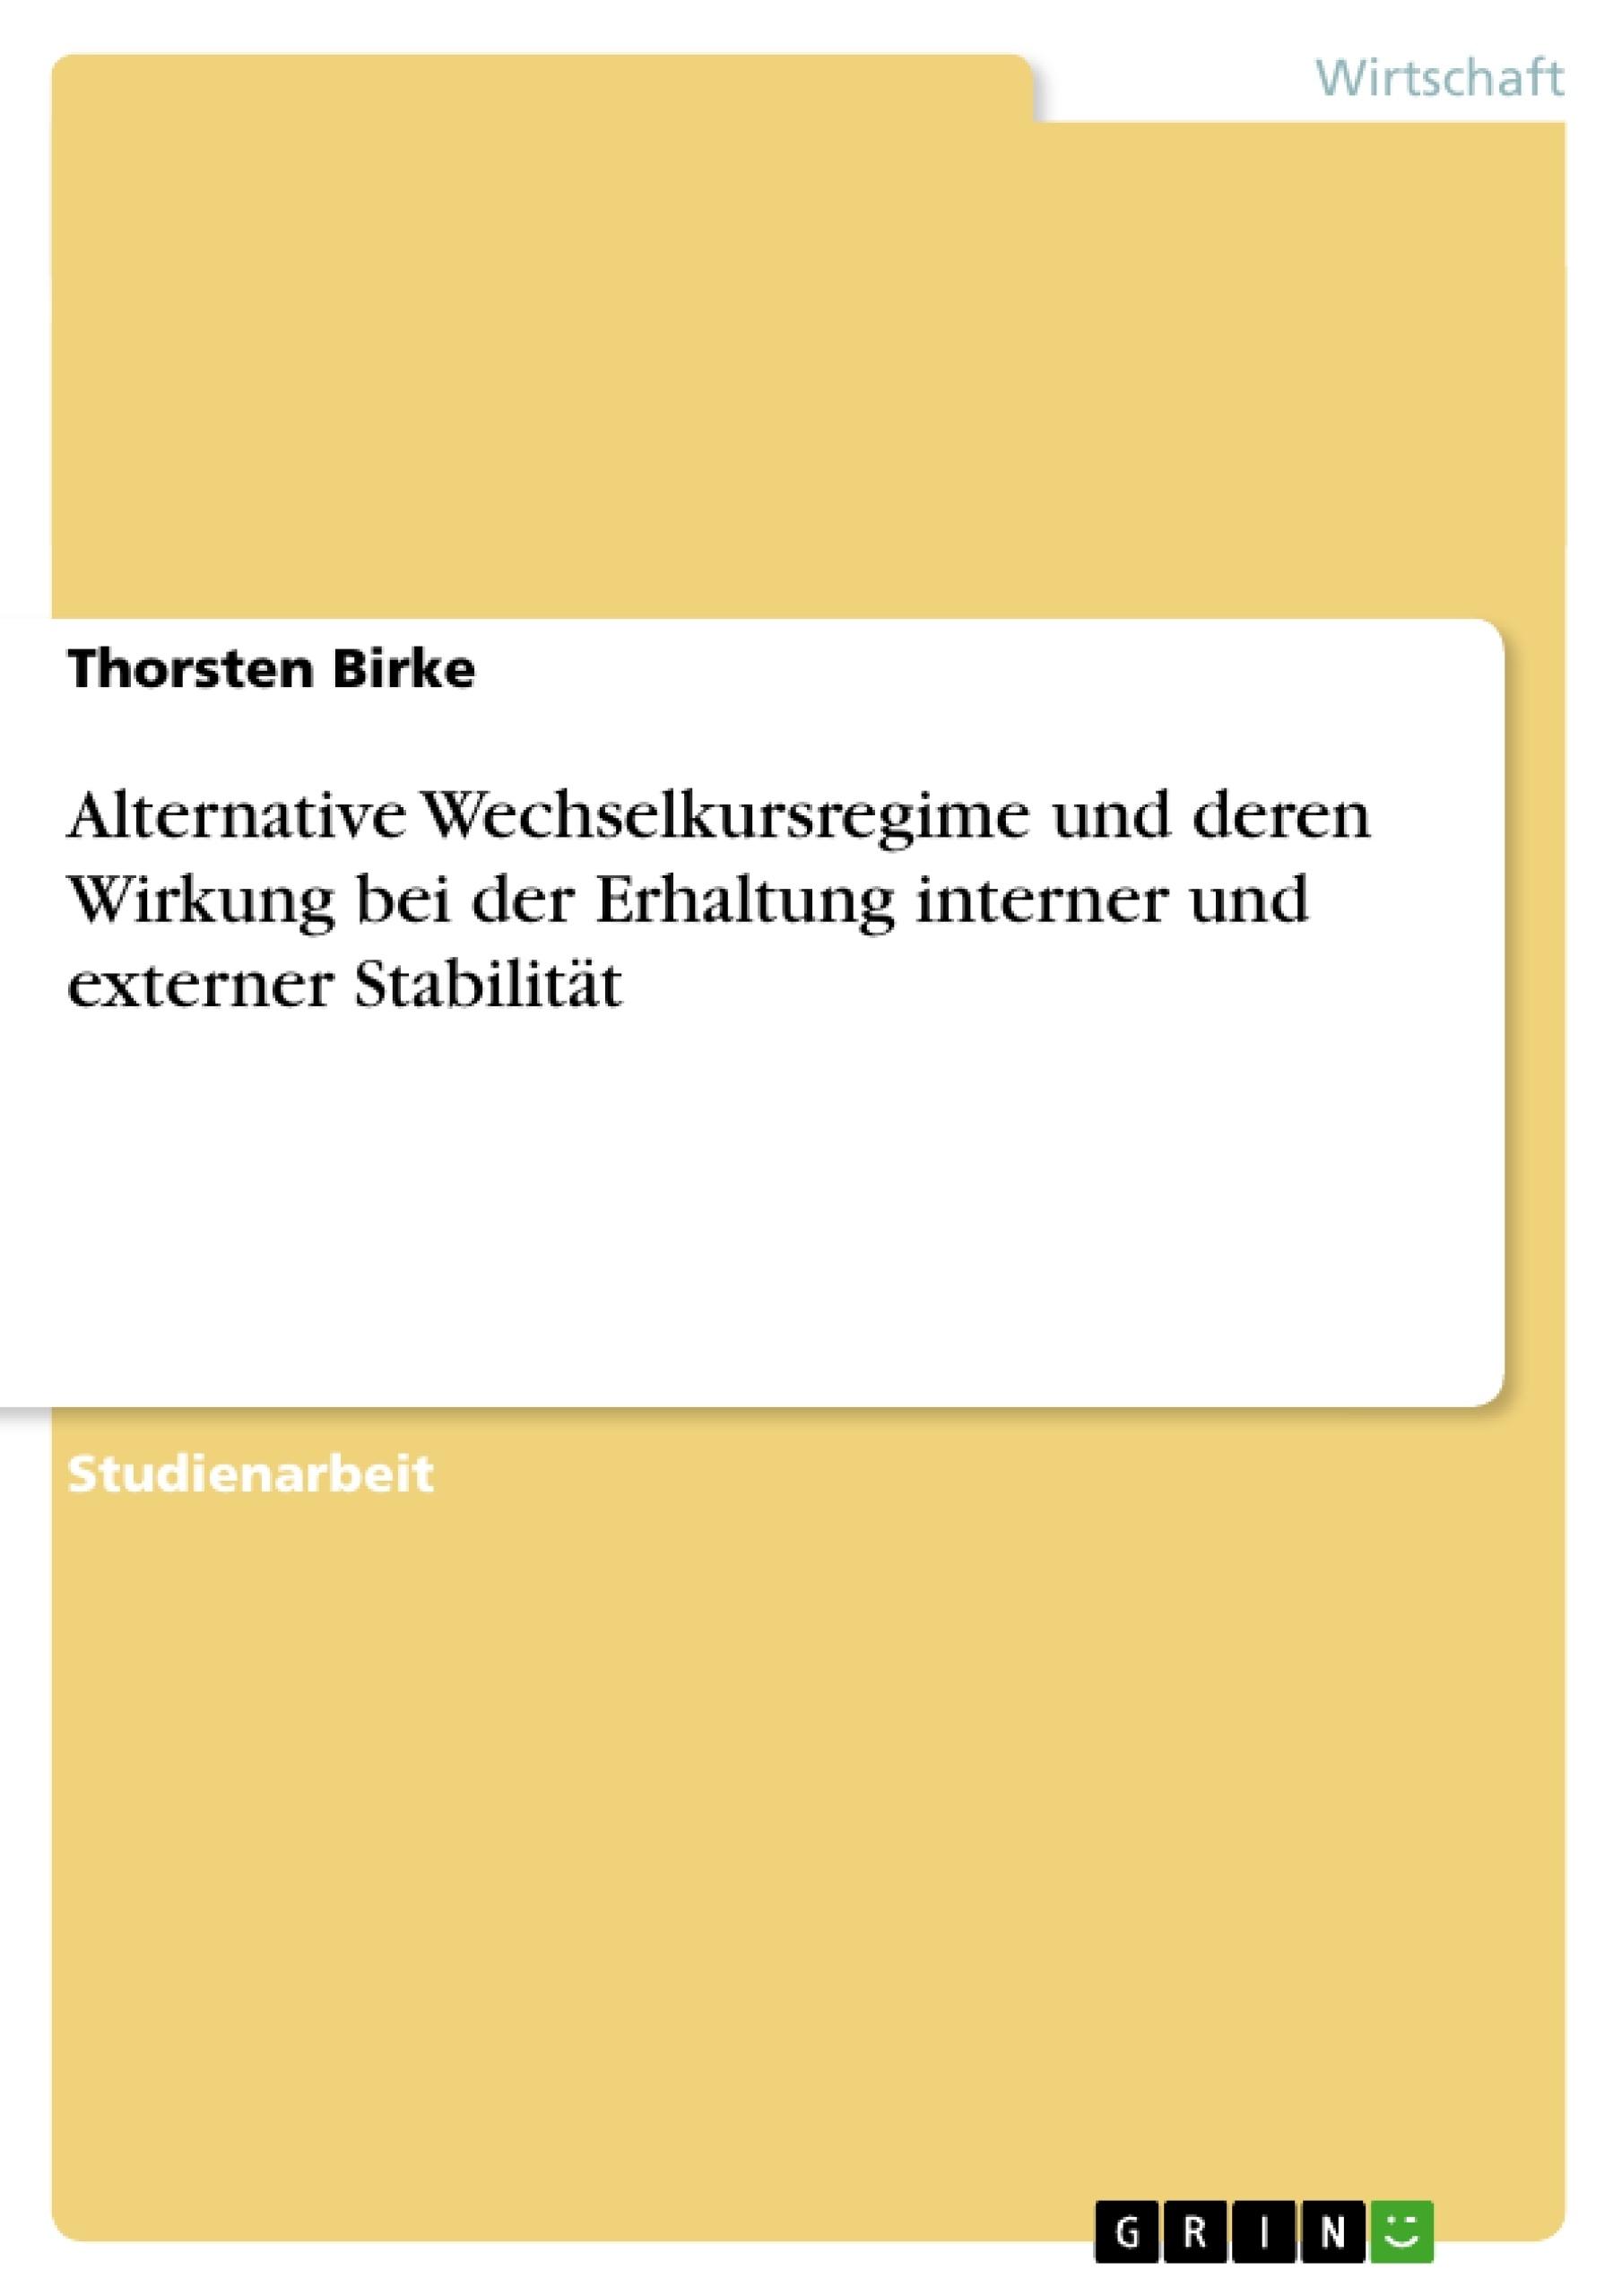 PDF | On Jan 1, , Martin Höpner and others published Diskretionäre Wechselkursregime. Erfahrungen aus dem Europäischen Währungssystem, –